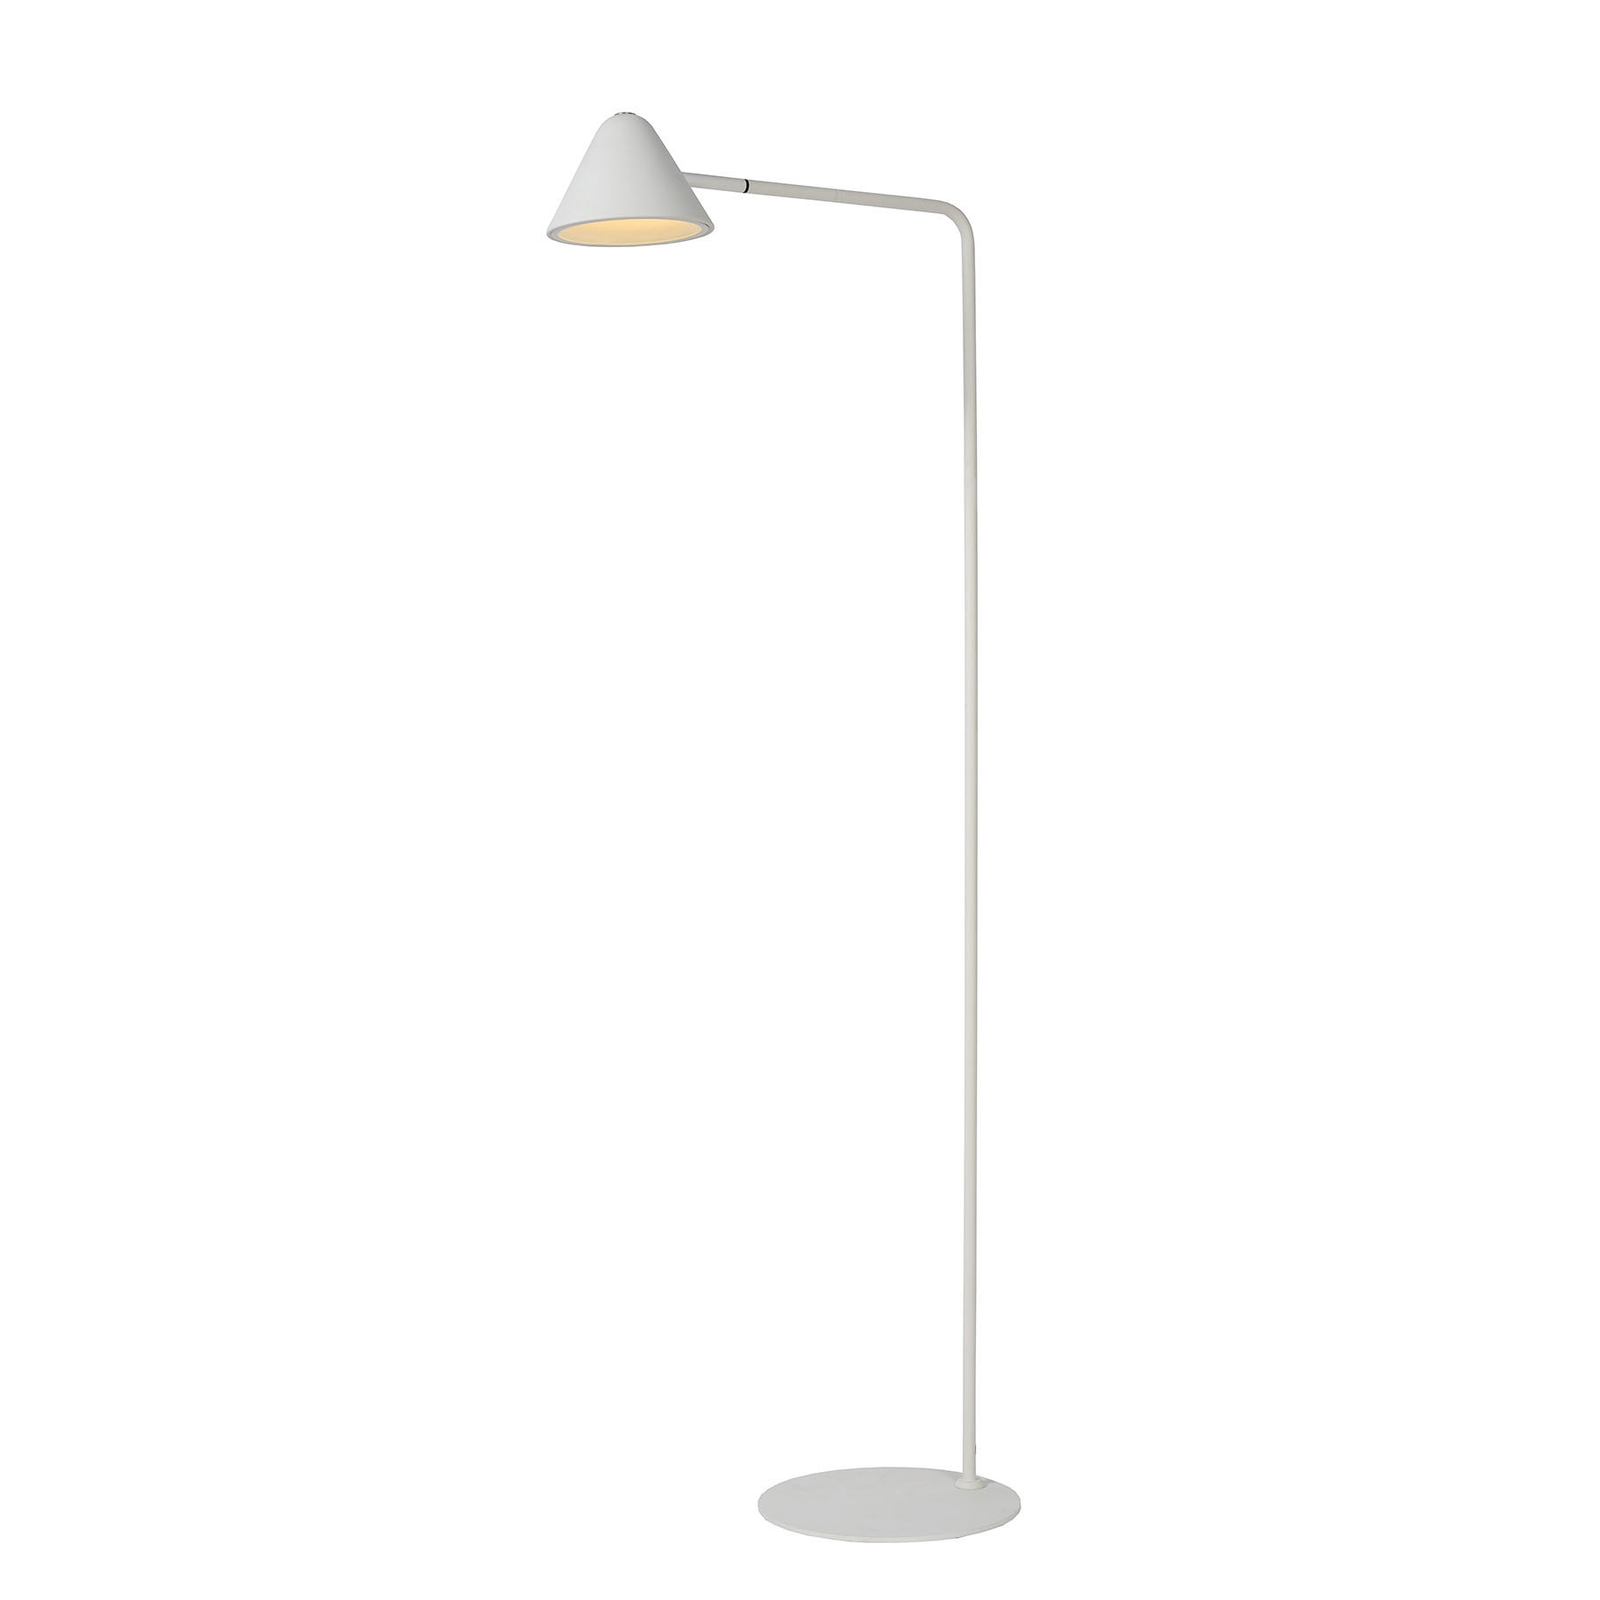 Lampa stojąca LED Devon z metalu, biała